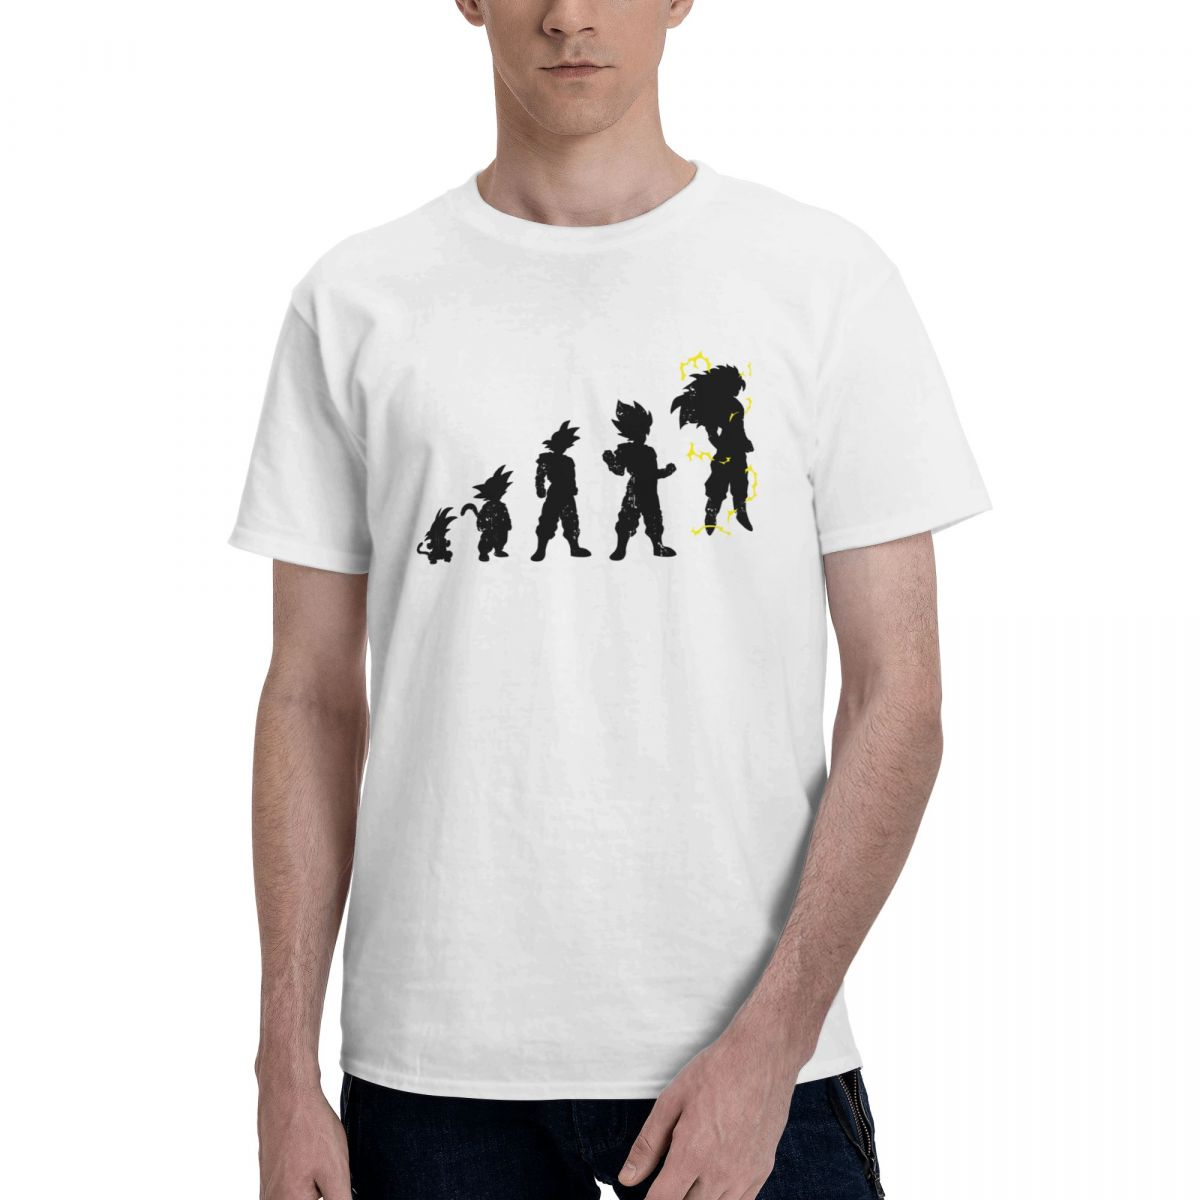 تطور أصلح بانداي لعبة دراغون بول تي شيرت للرجال سايان أنيمي 100% قطن تي شيرت قصير الأكمام تي شيرت الملابس الكلاسيكية